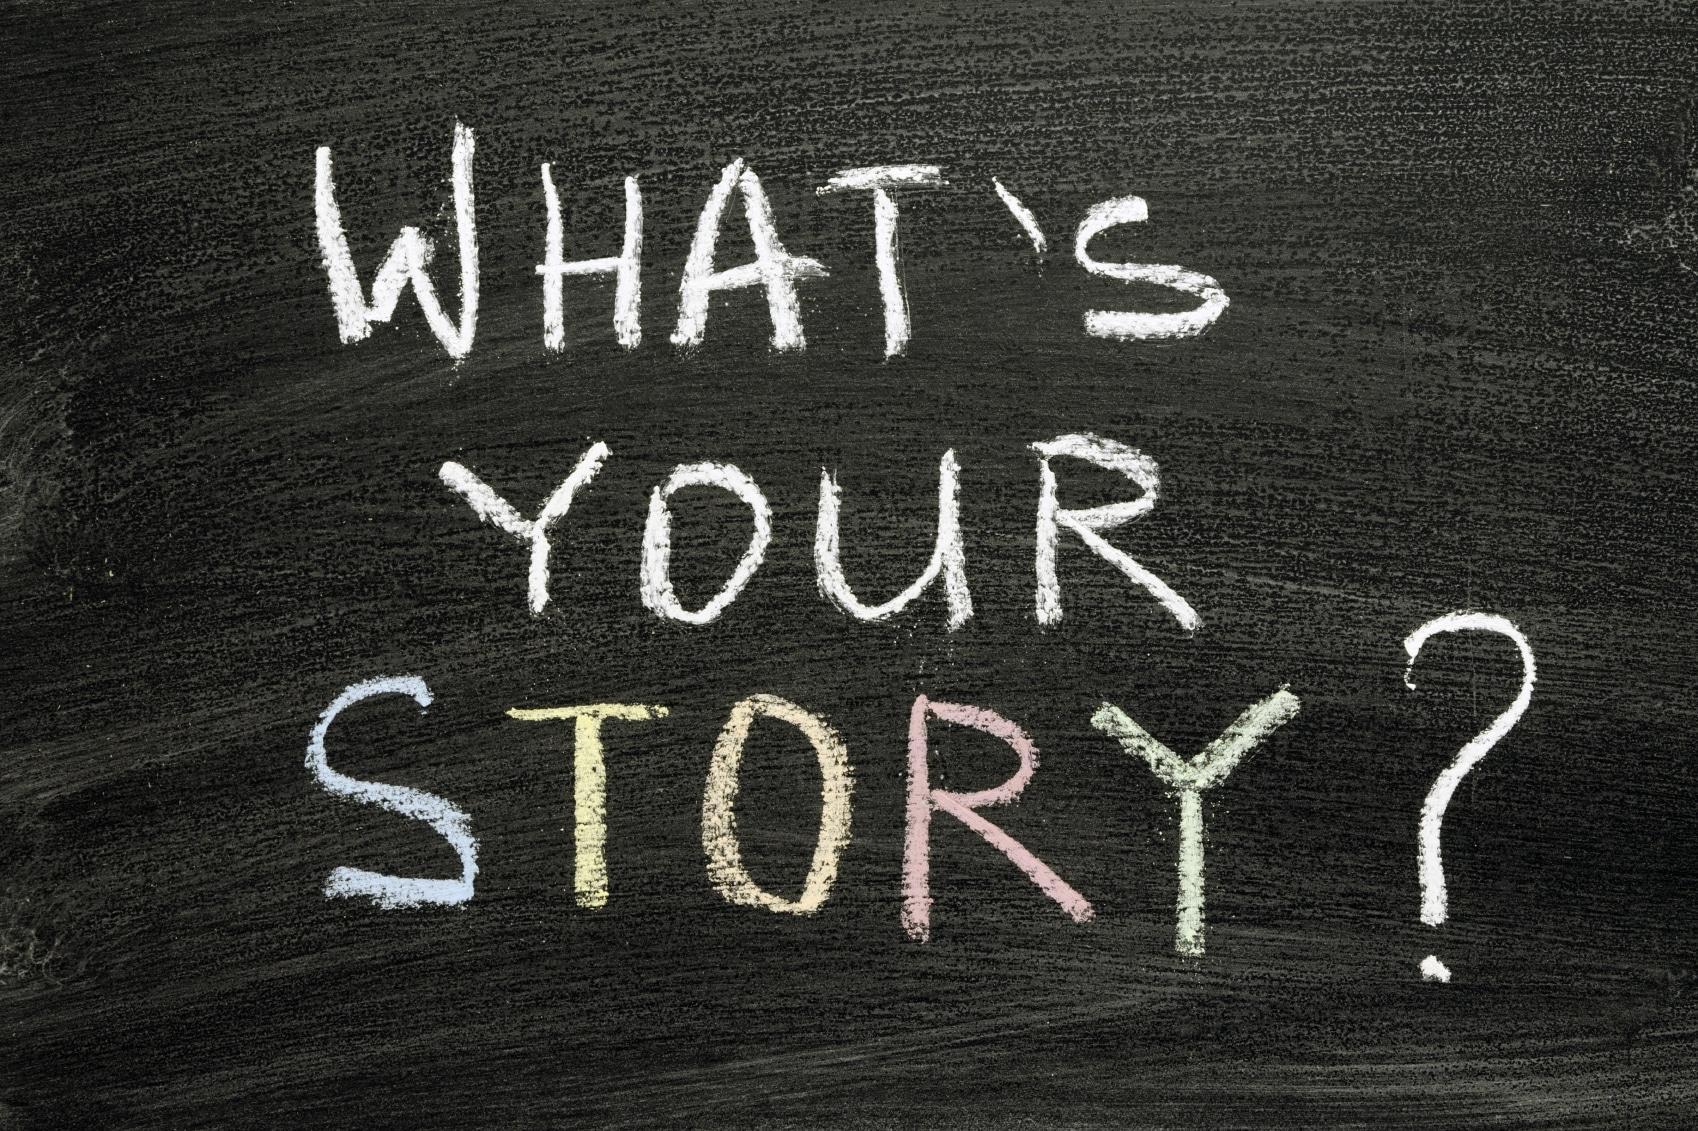 identité narrative storytelling